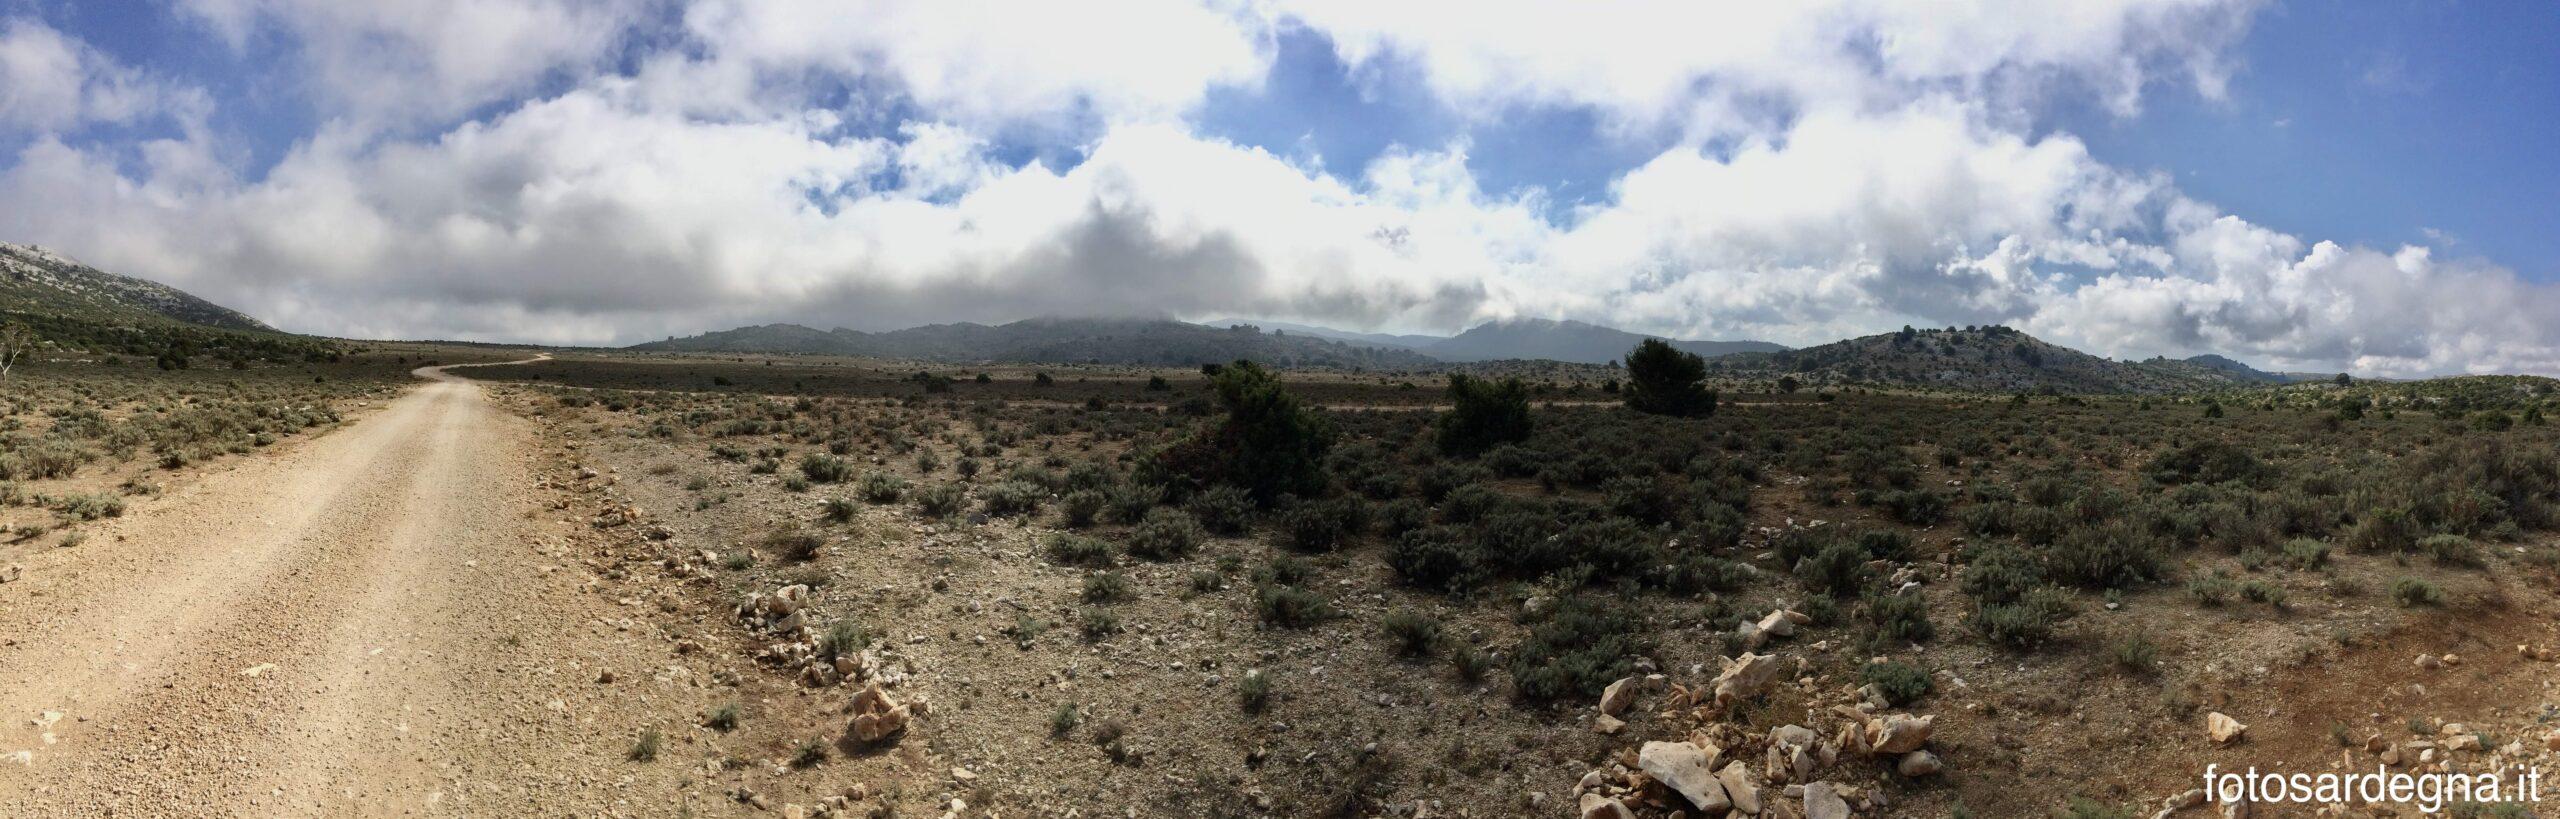 Campu Oddeu, vista verso sud, capita che in breve tempo ammassi nuvolosi attraversino bassi e veloci sull'altopiano completamente aperto in direzione del mare.